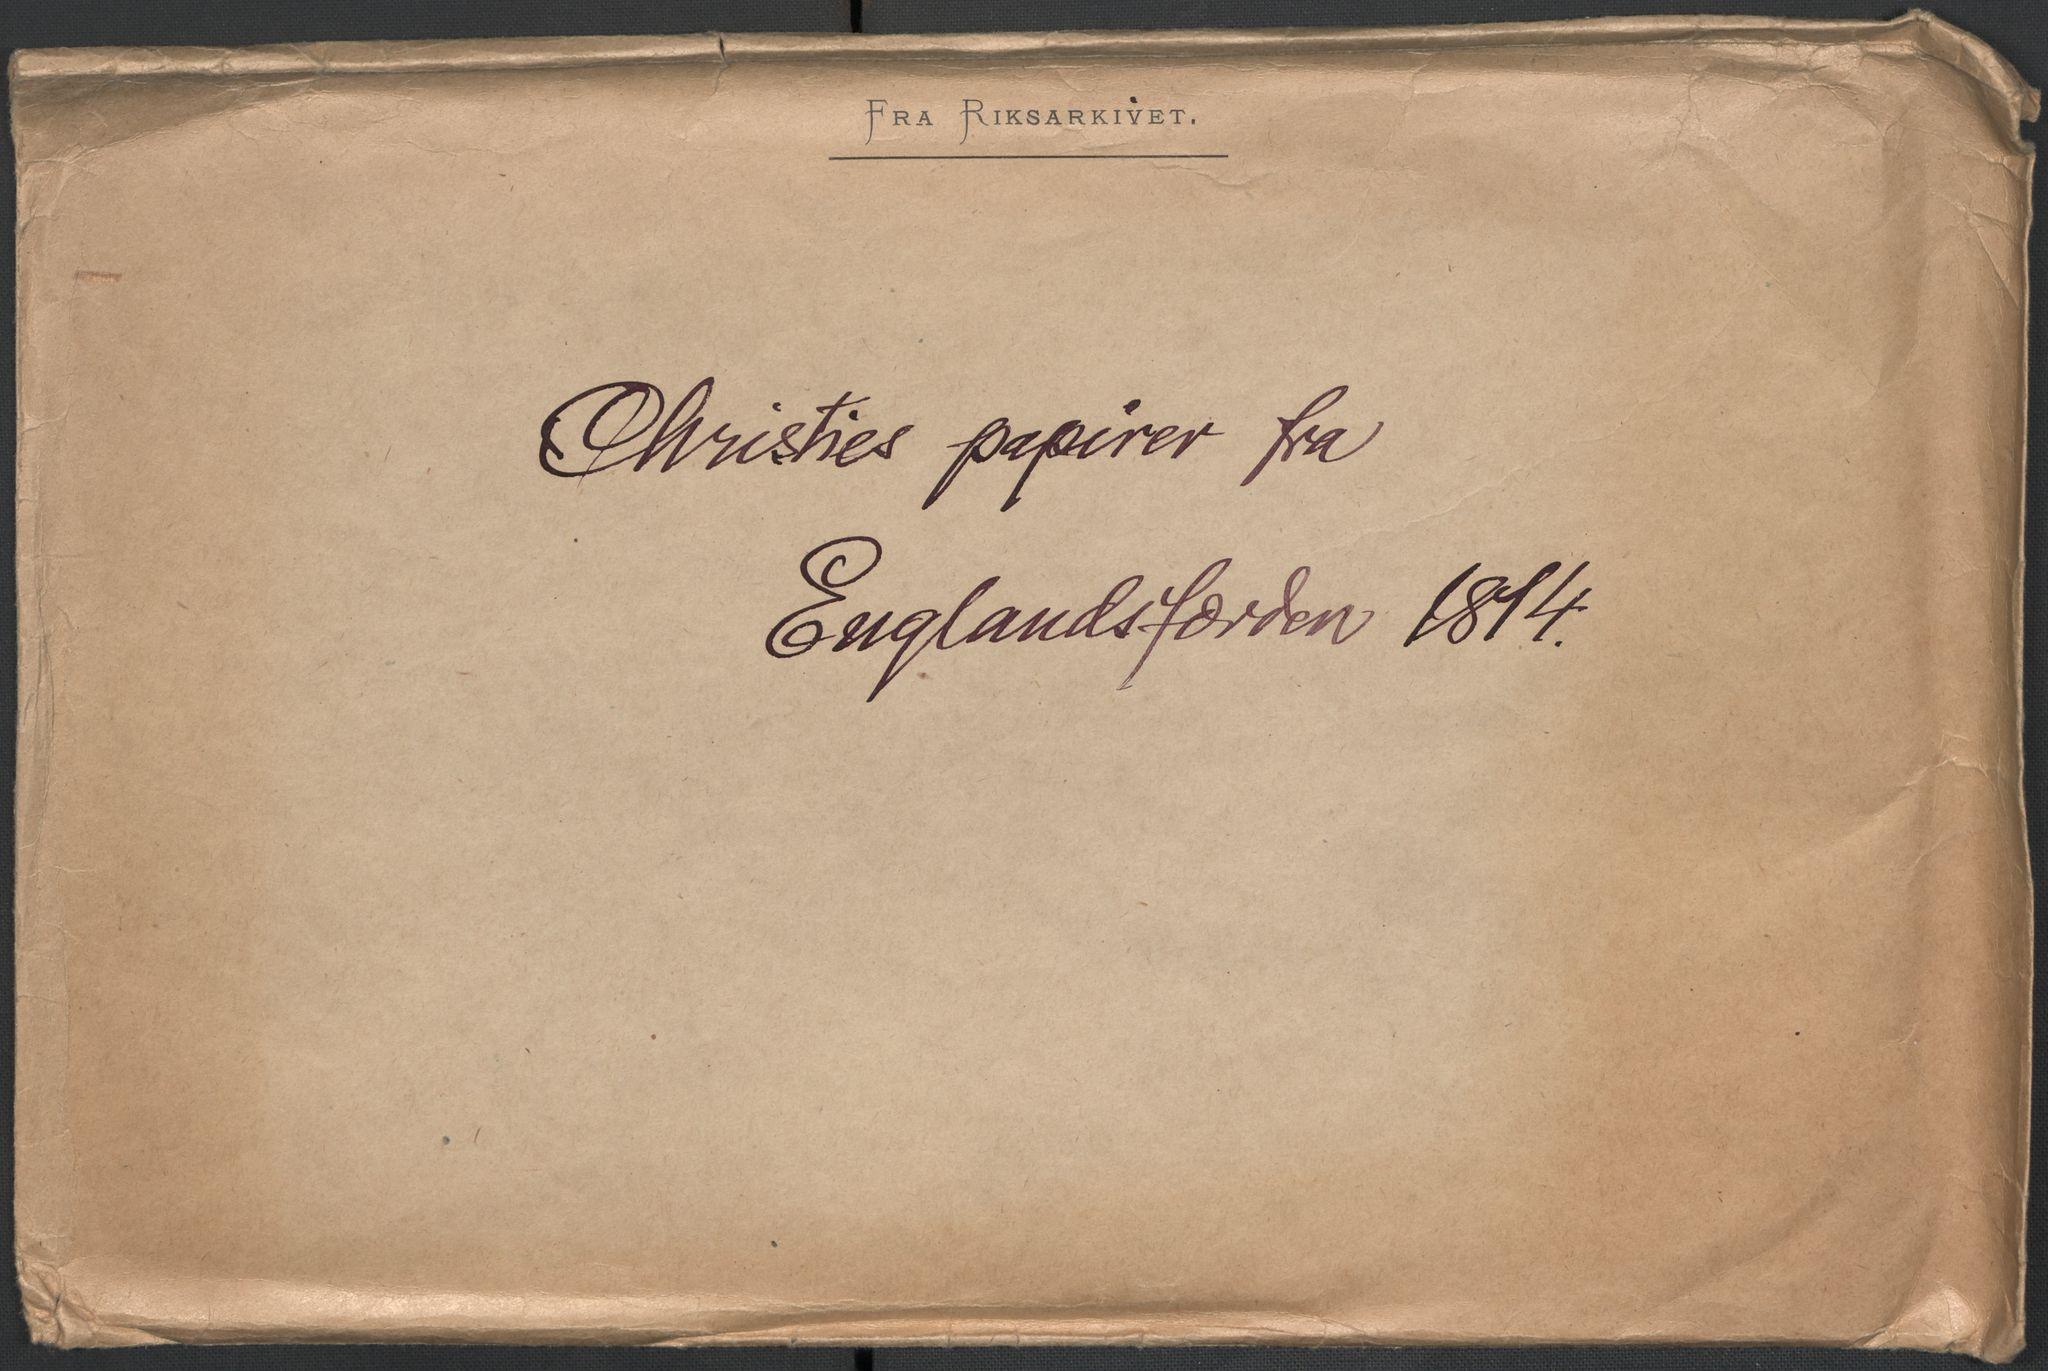 RA, Christie, Wilhelm Frimann Koren, F/L0004, 1814, s. 148